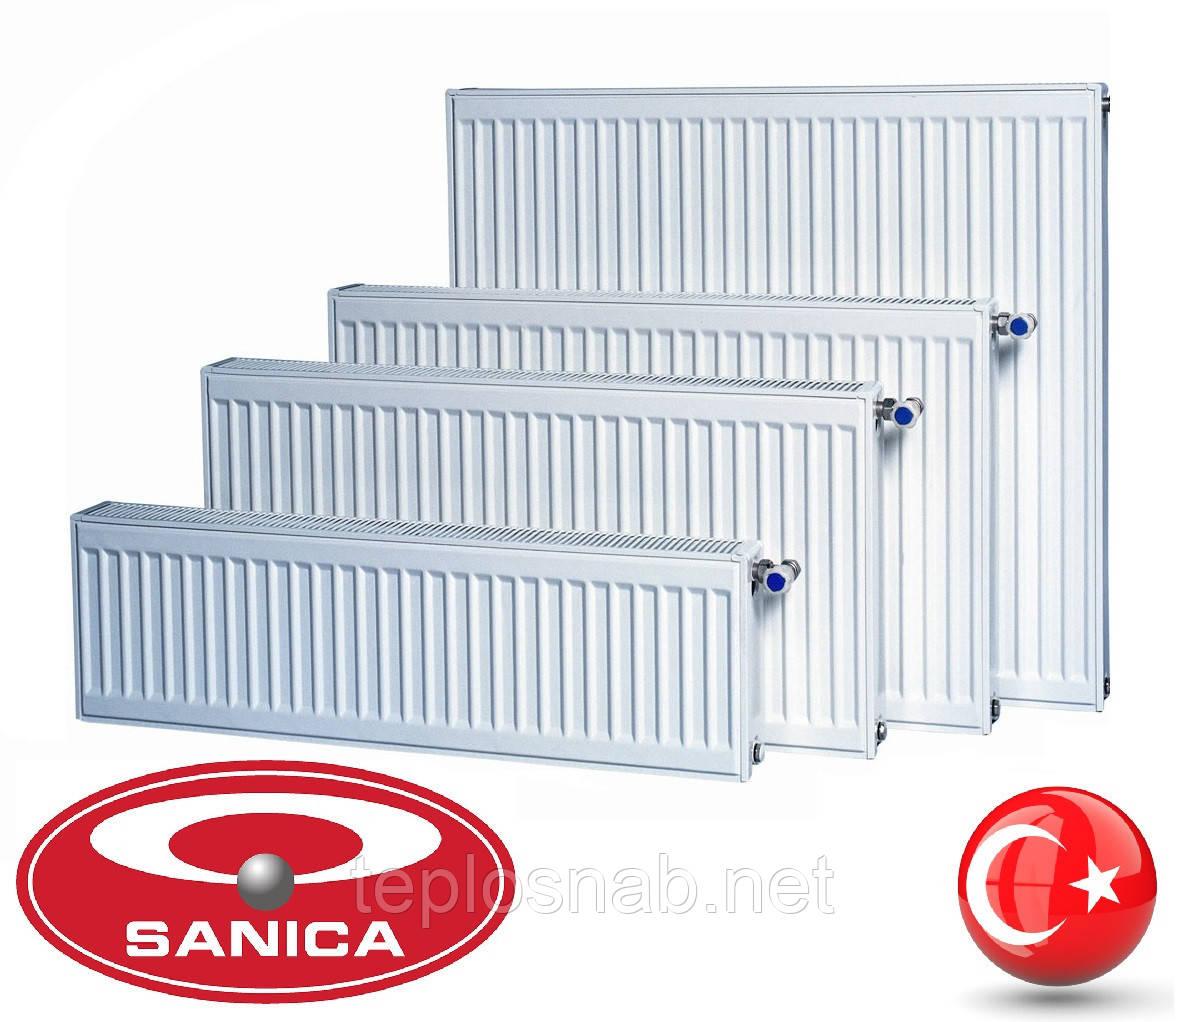 Стальной радиатор Sanica 22 тип (500 х 1800 мм) / 3472 Вт